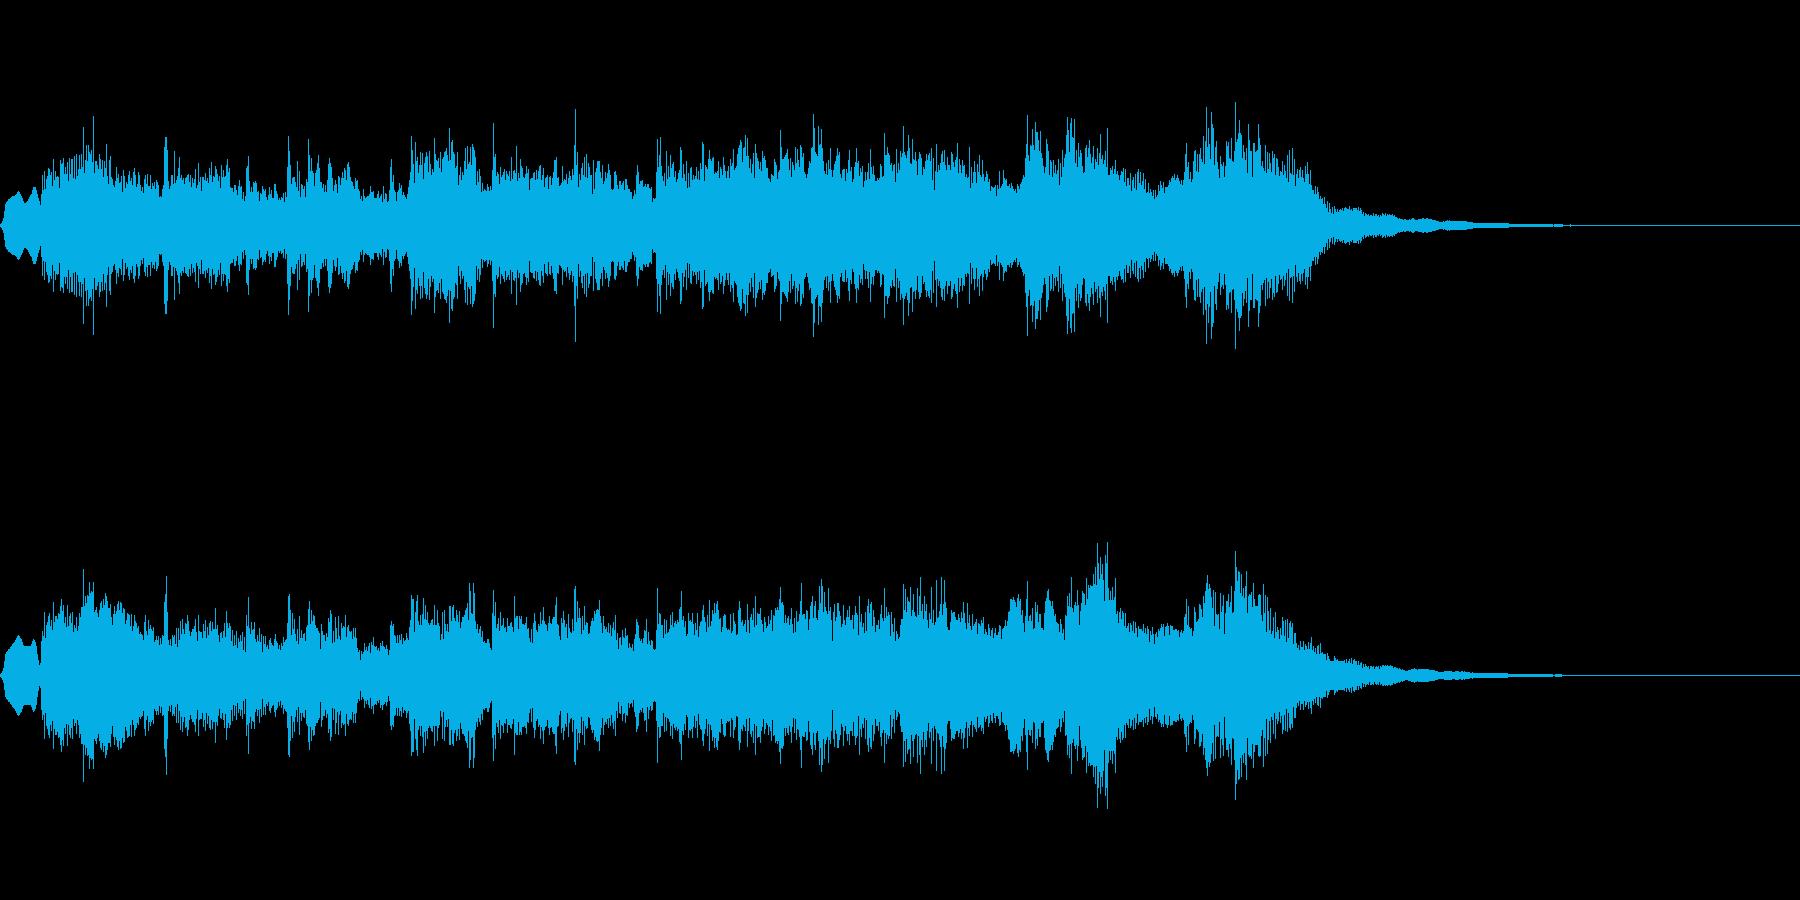 ファンファーレ系な感じの再生済みの波形